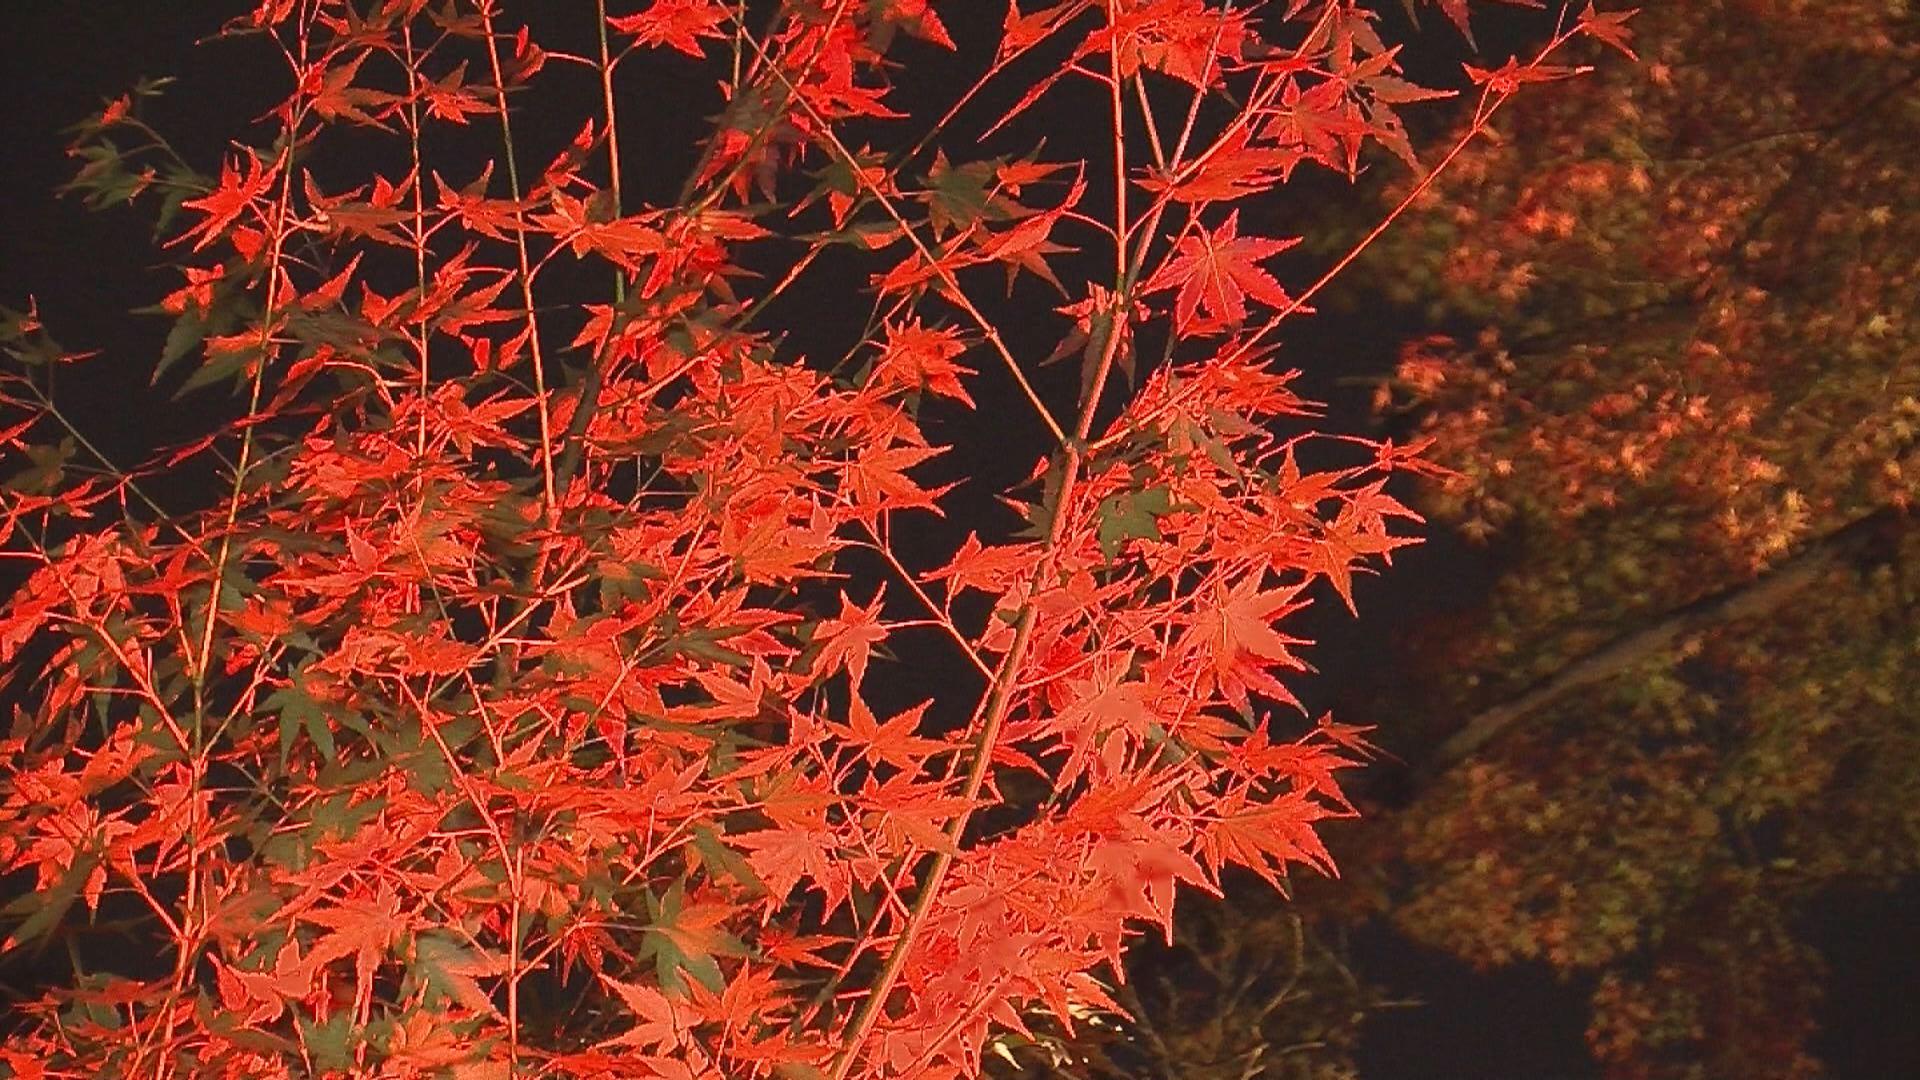 181107_陀羅尼八幡神社モミジのライトアップ4